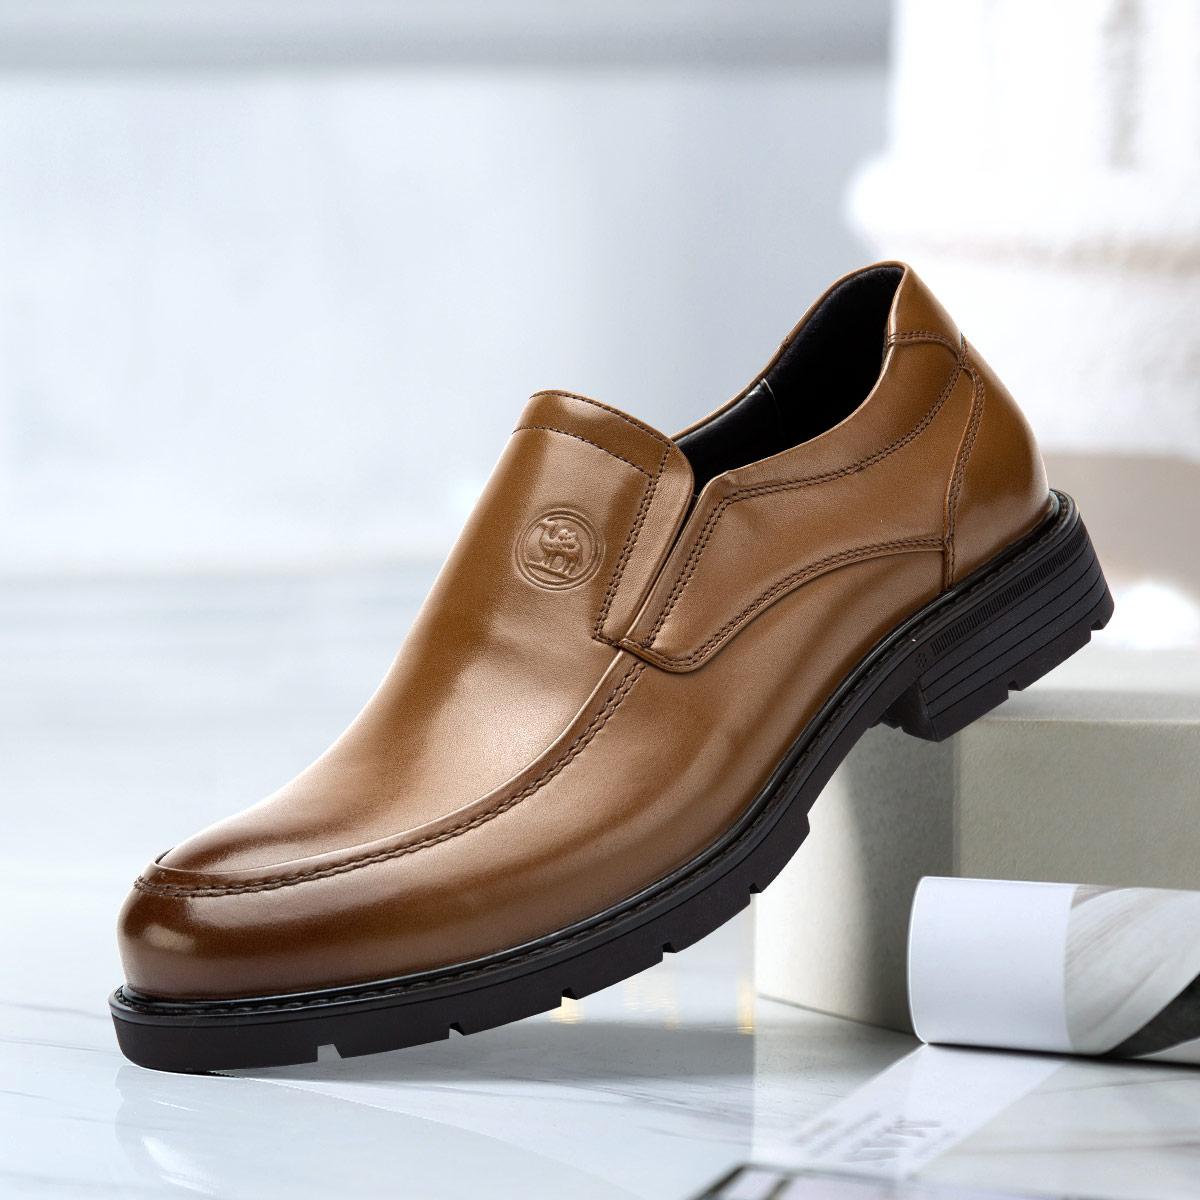 骆驼牌骆驼牌男鞋19秋新款头层牛皮英伦时尚套脚一脚蹬商务鞋休闲皮鞋W915102470ZO